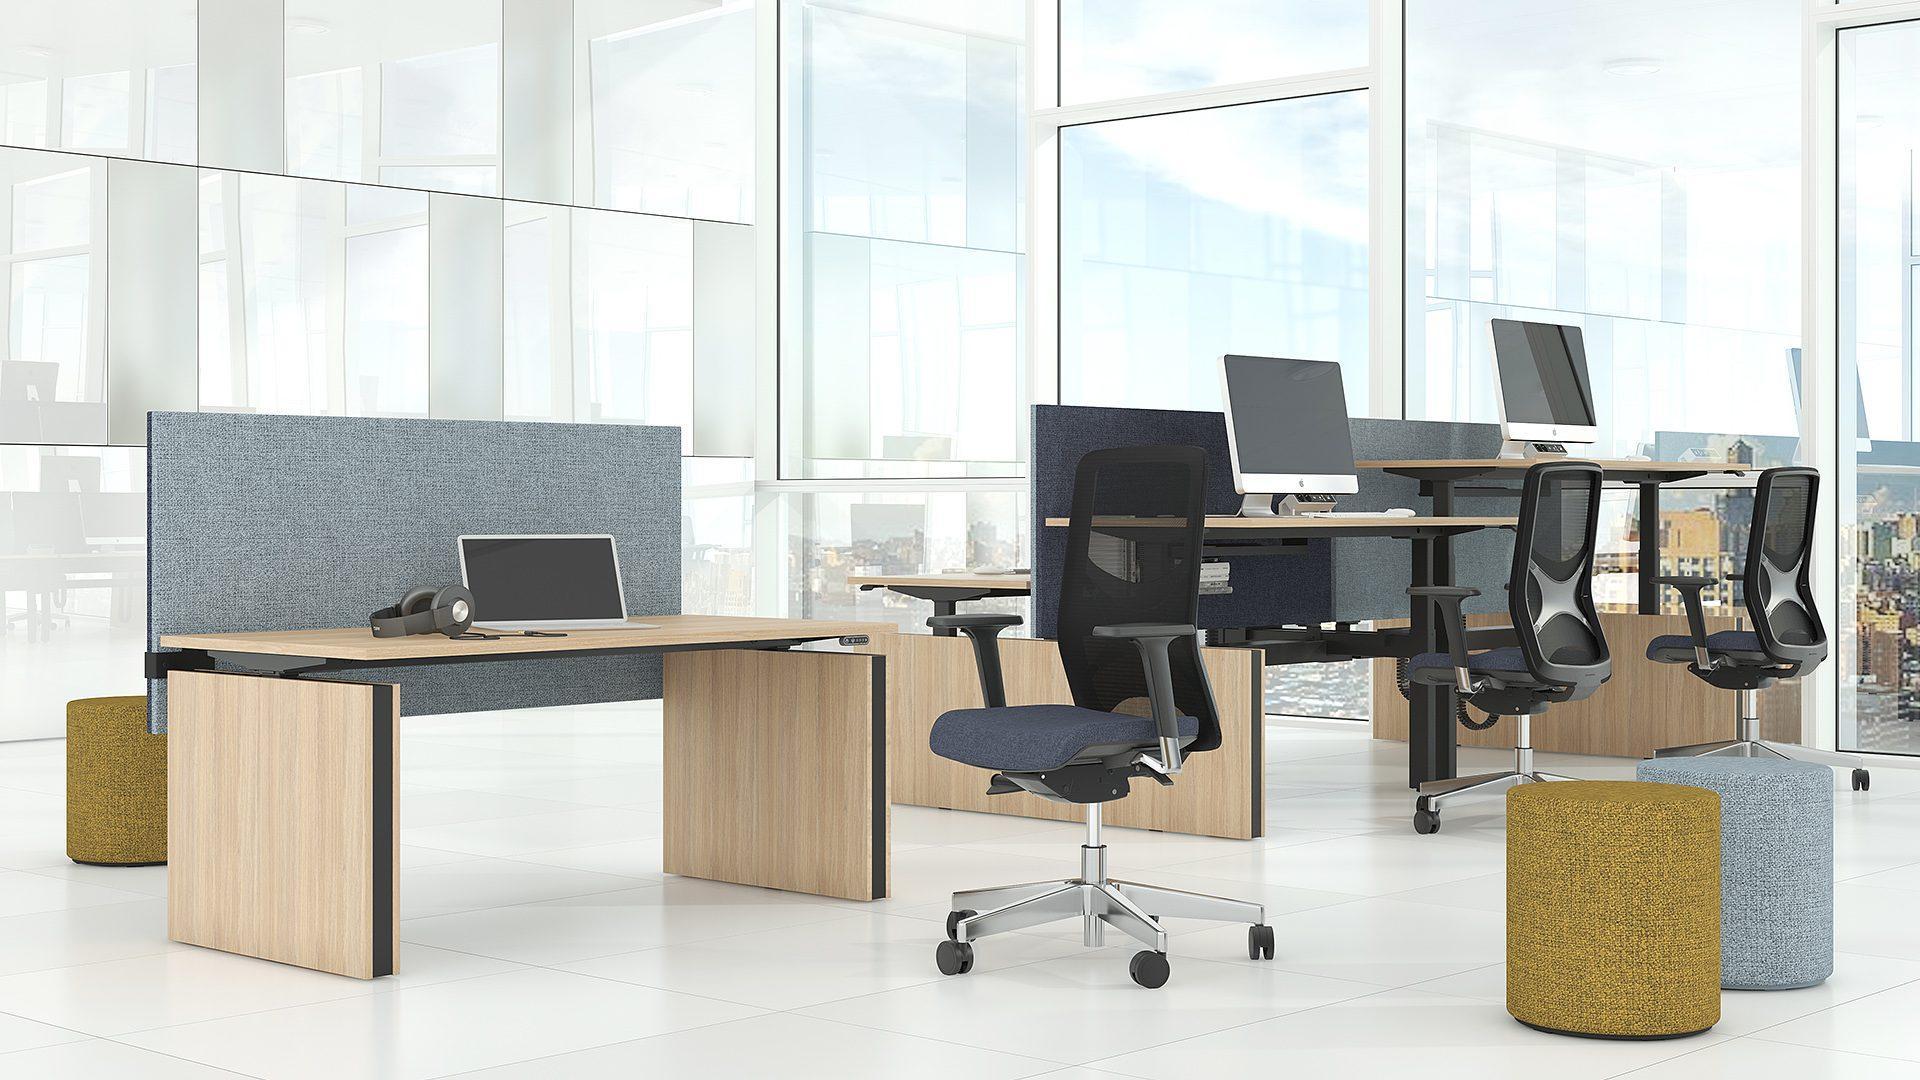 KasbergenA+P kantoormeubelen Narbutas duo werkplek motion